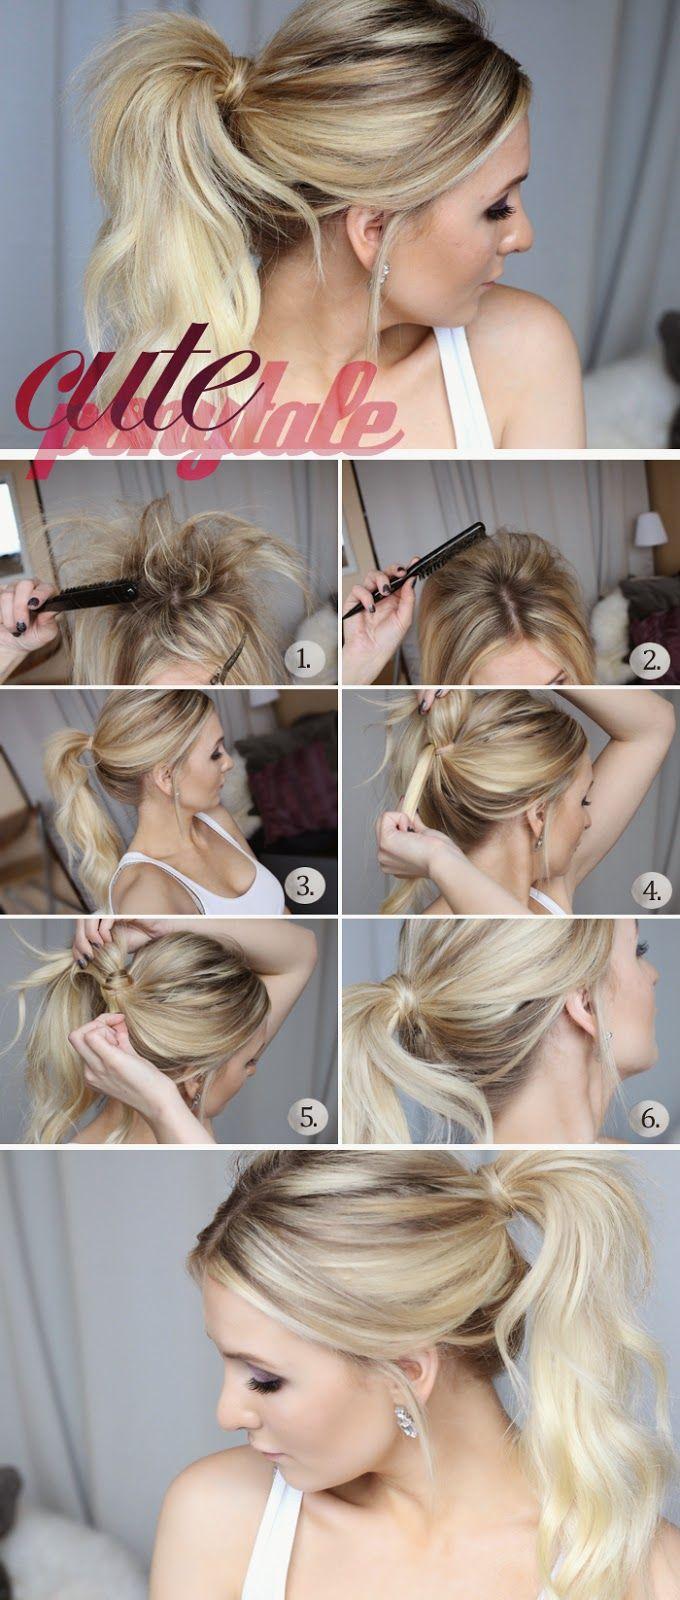 Peinados lindos y faciles! ♥